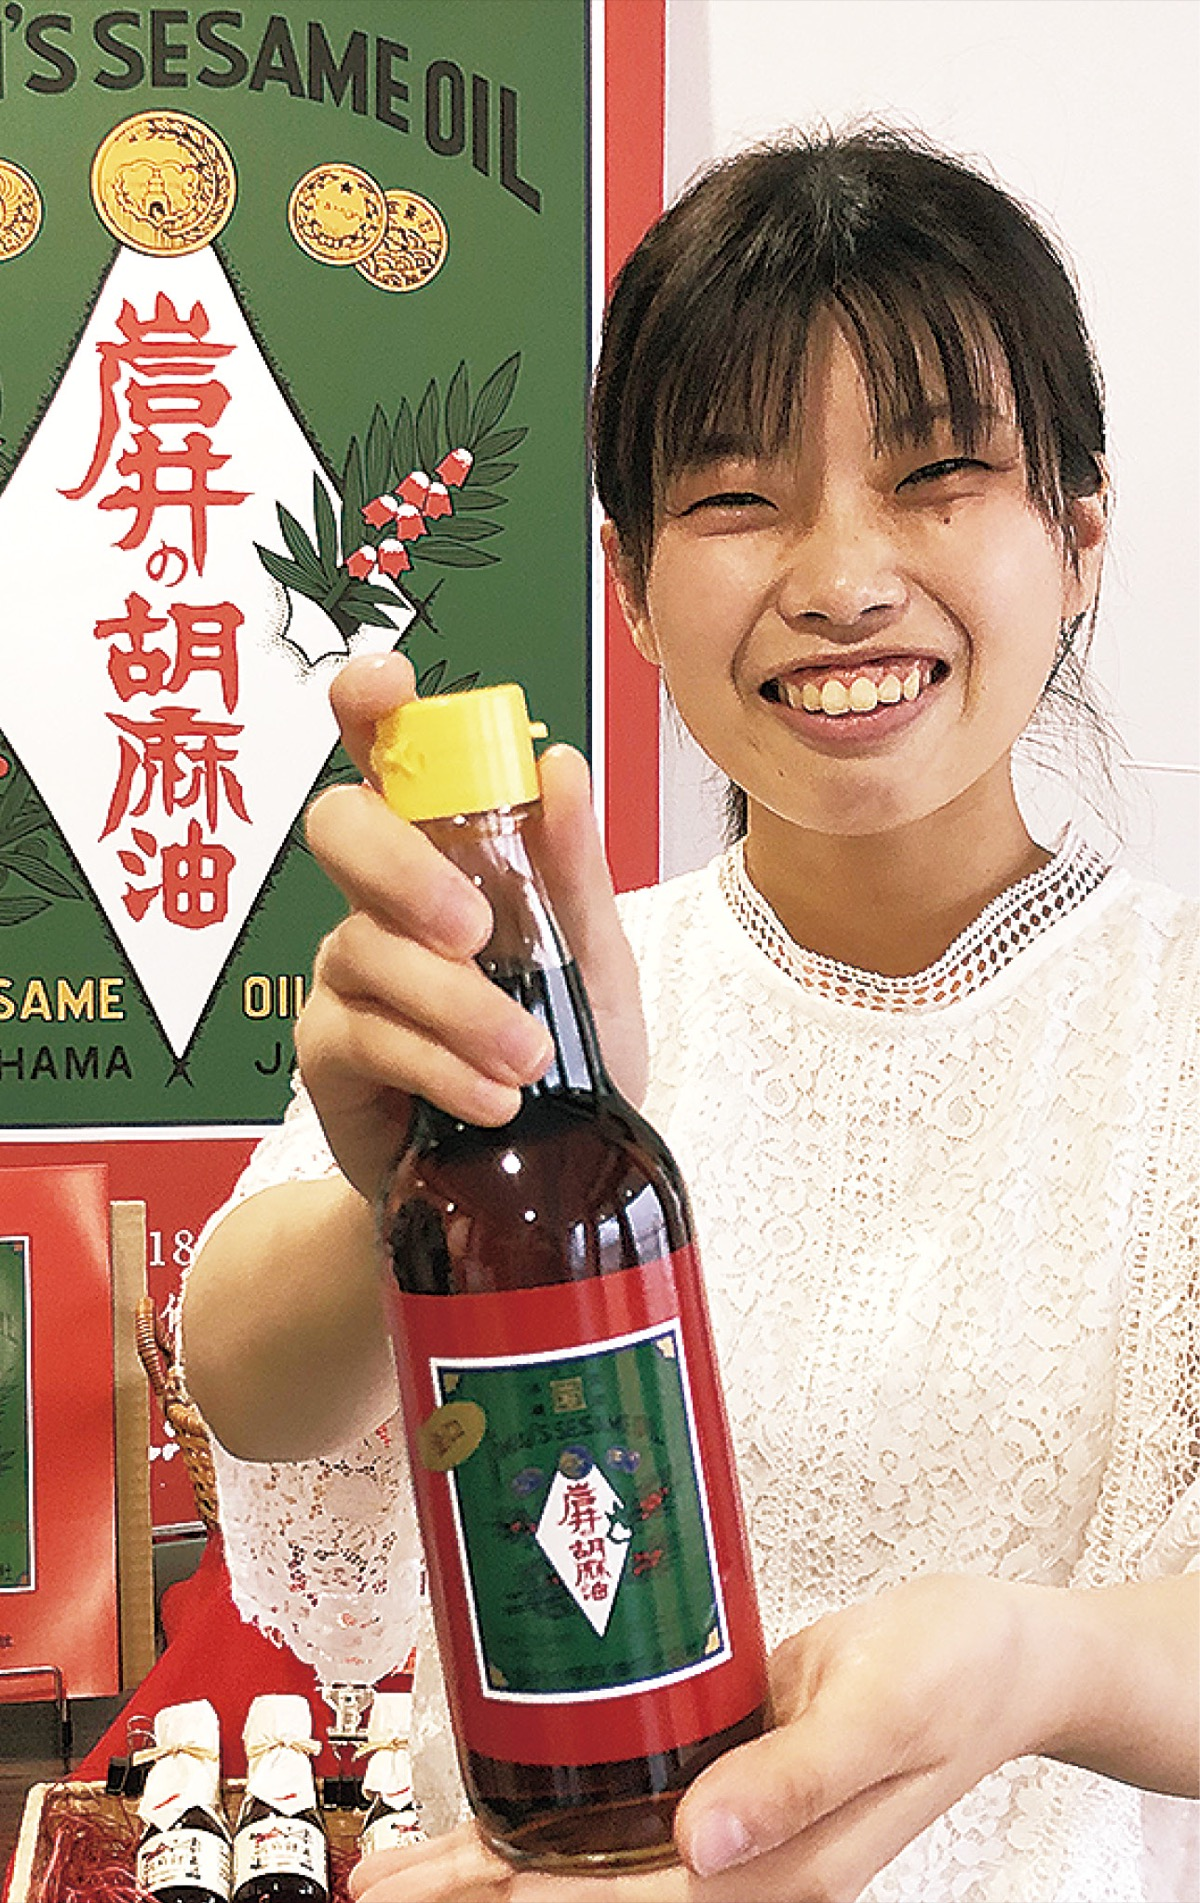 調味料選手権 岩井の胡麻油 最終選考へ ウェブで一般投票受け付け | 神奈川区 | タウンニュース